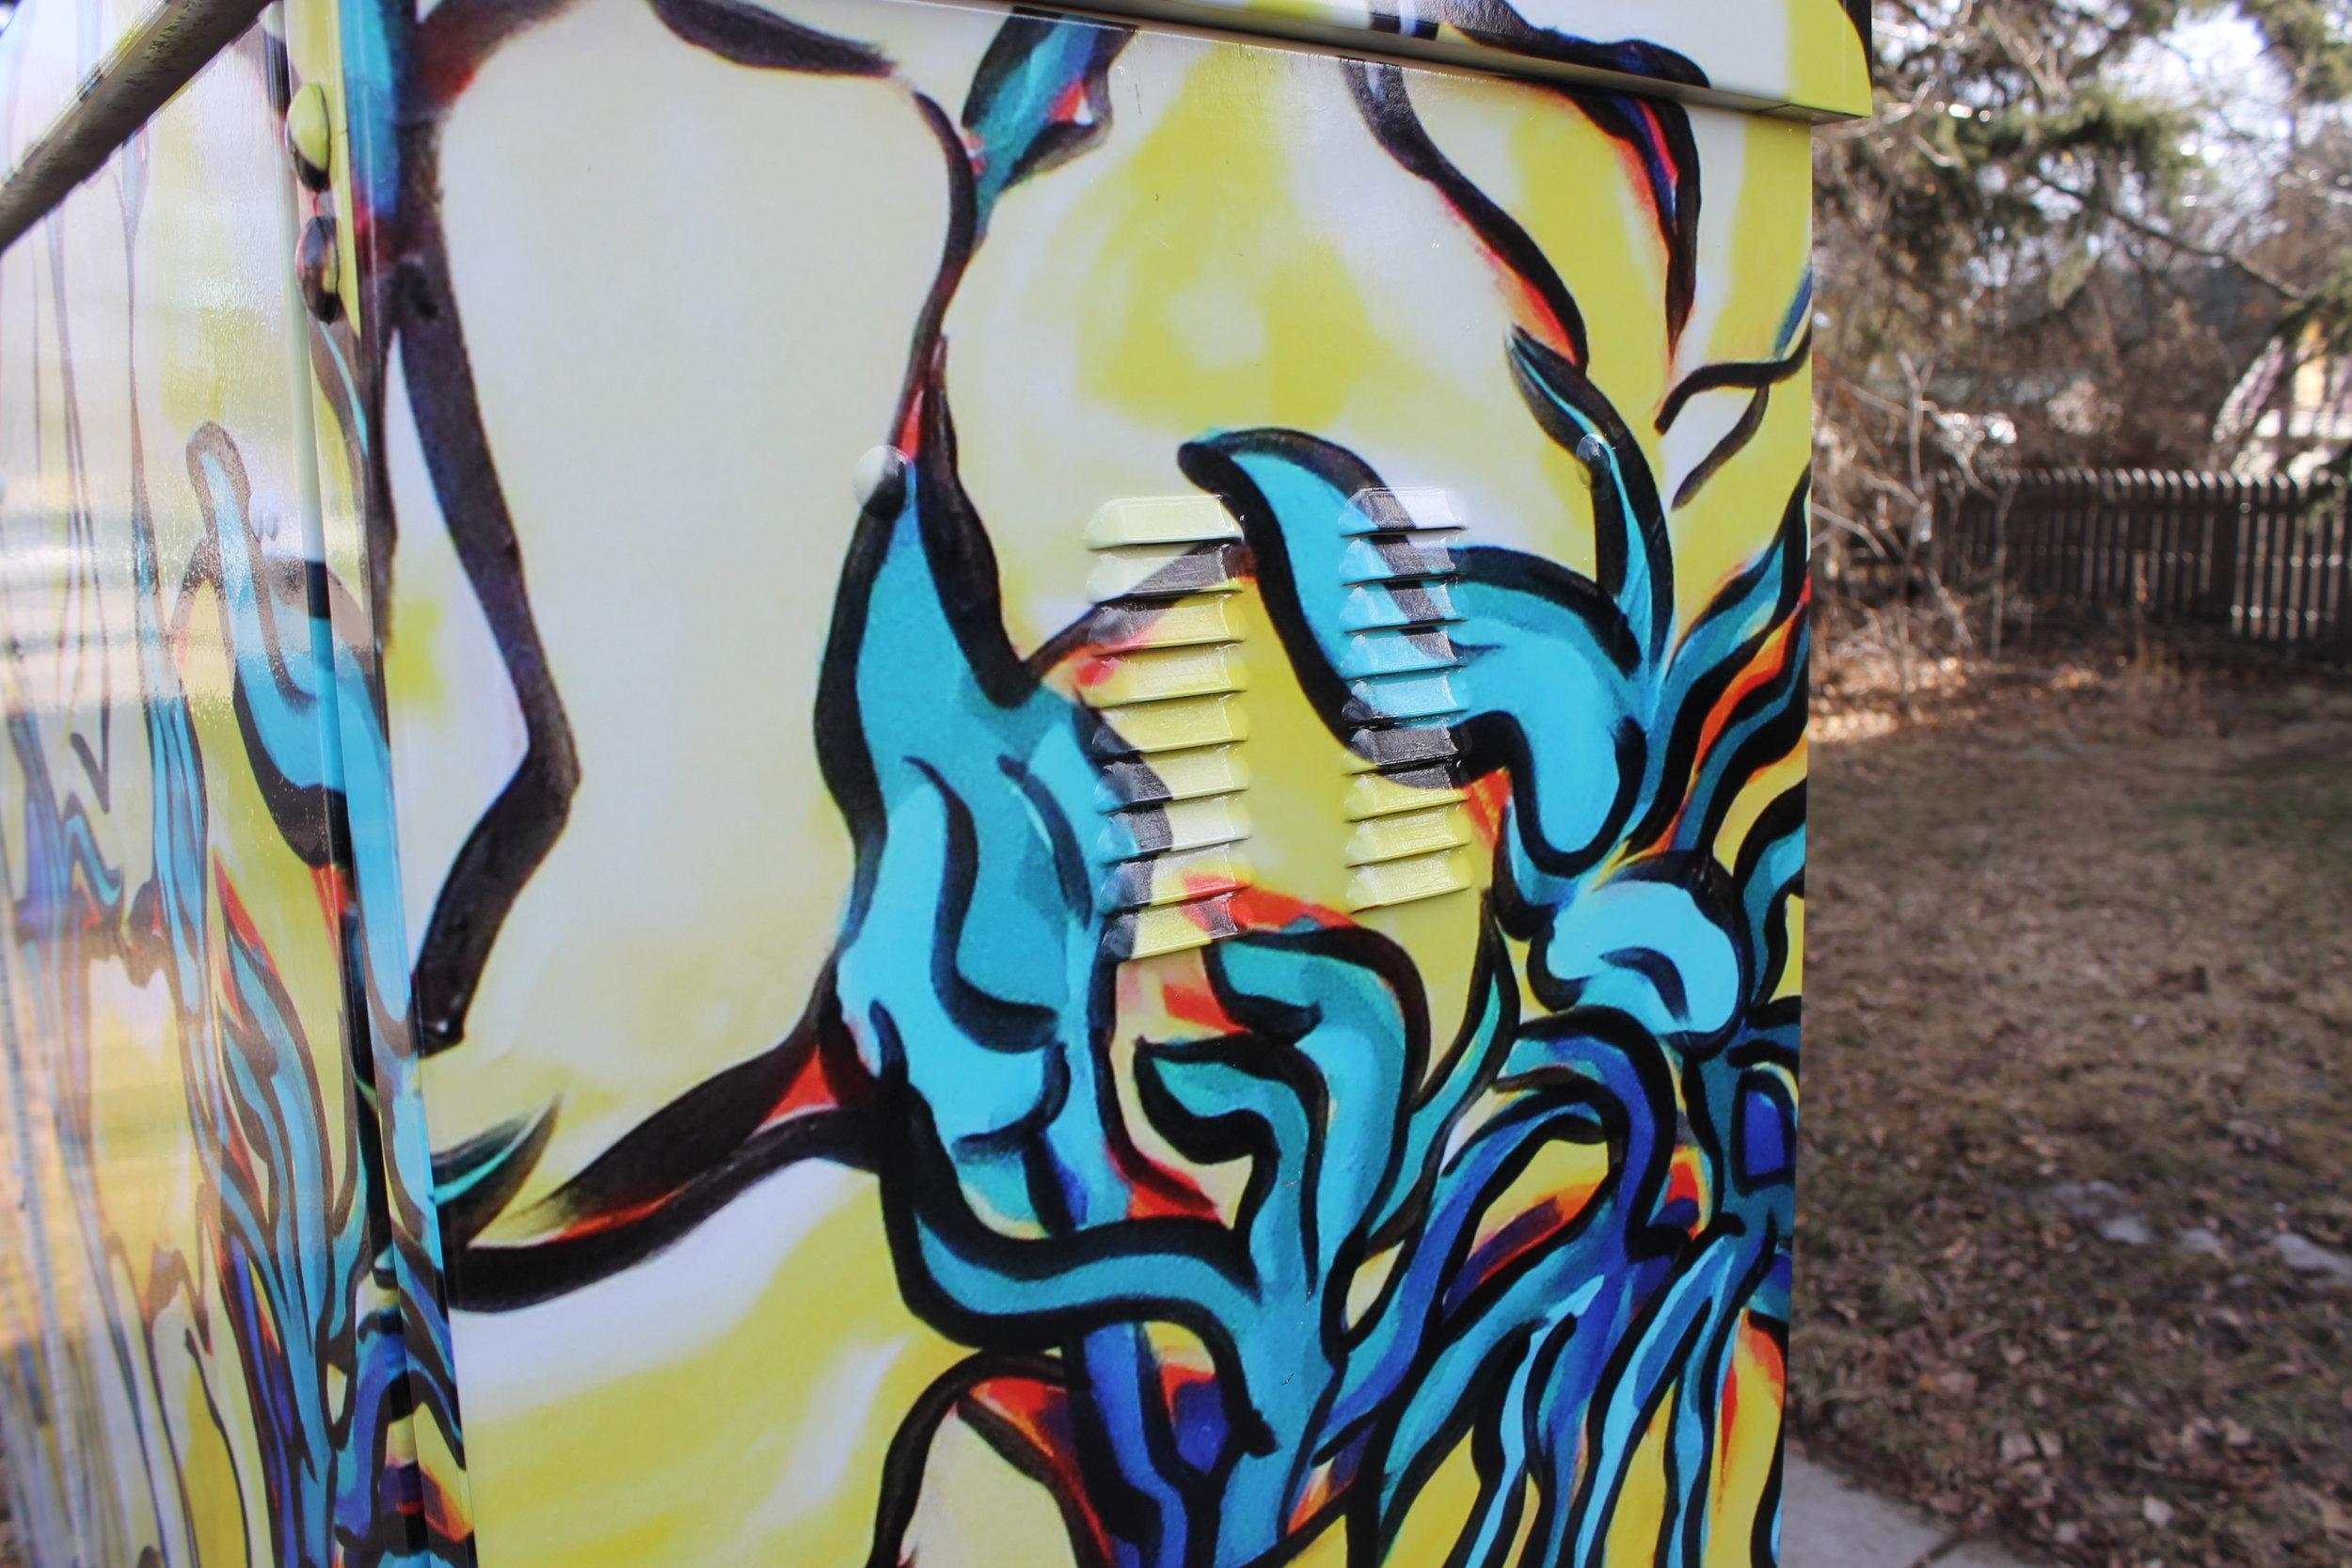 CleanSlateGroup_GraffitiResistant_Bozeman,MT_OliveStreet_After_68.JPG